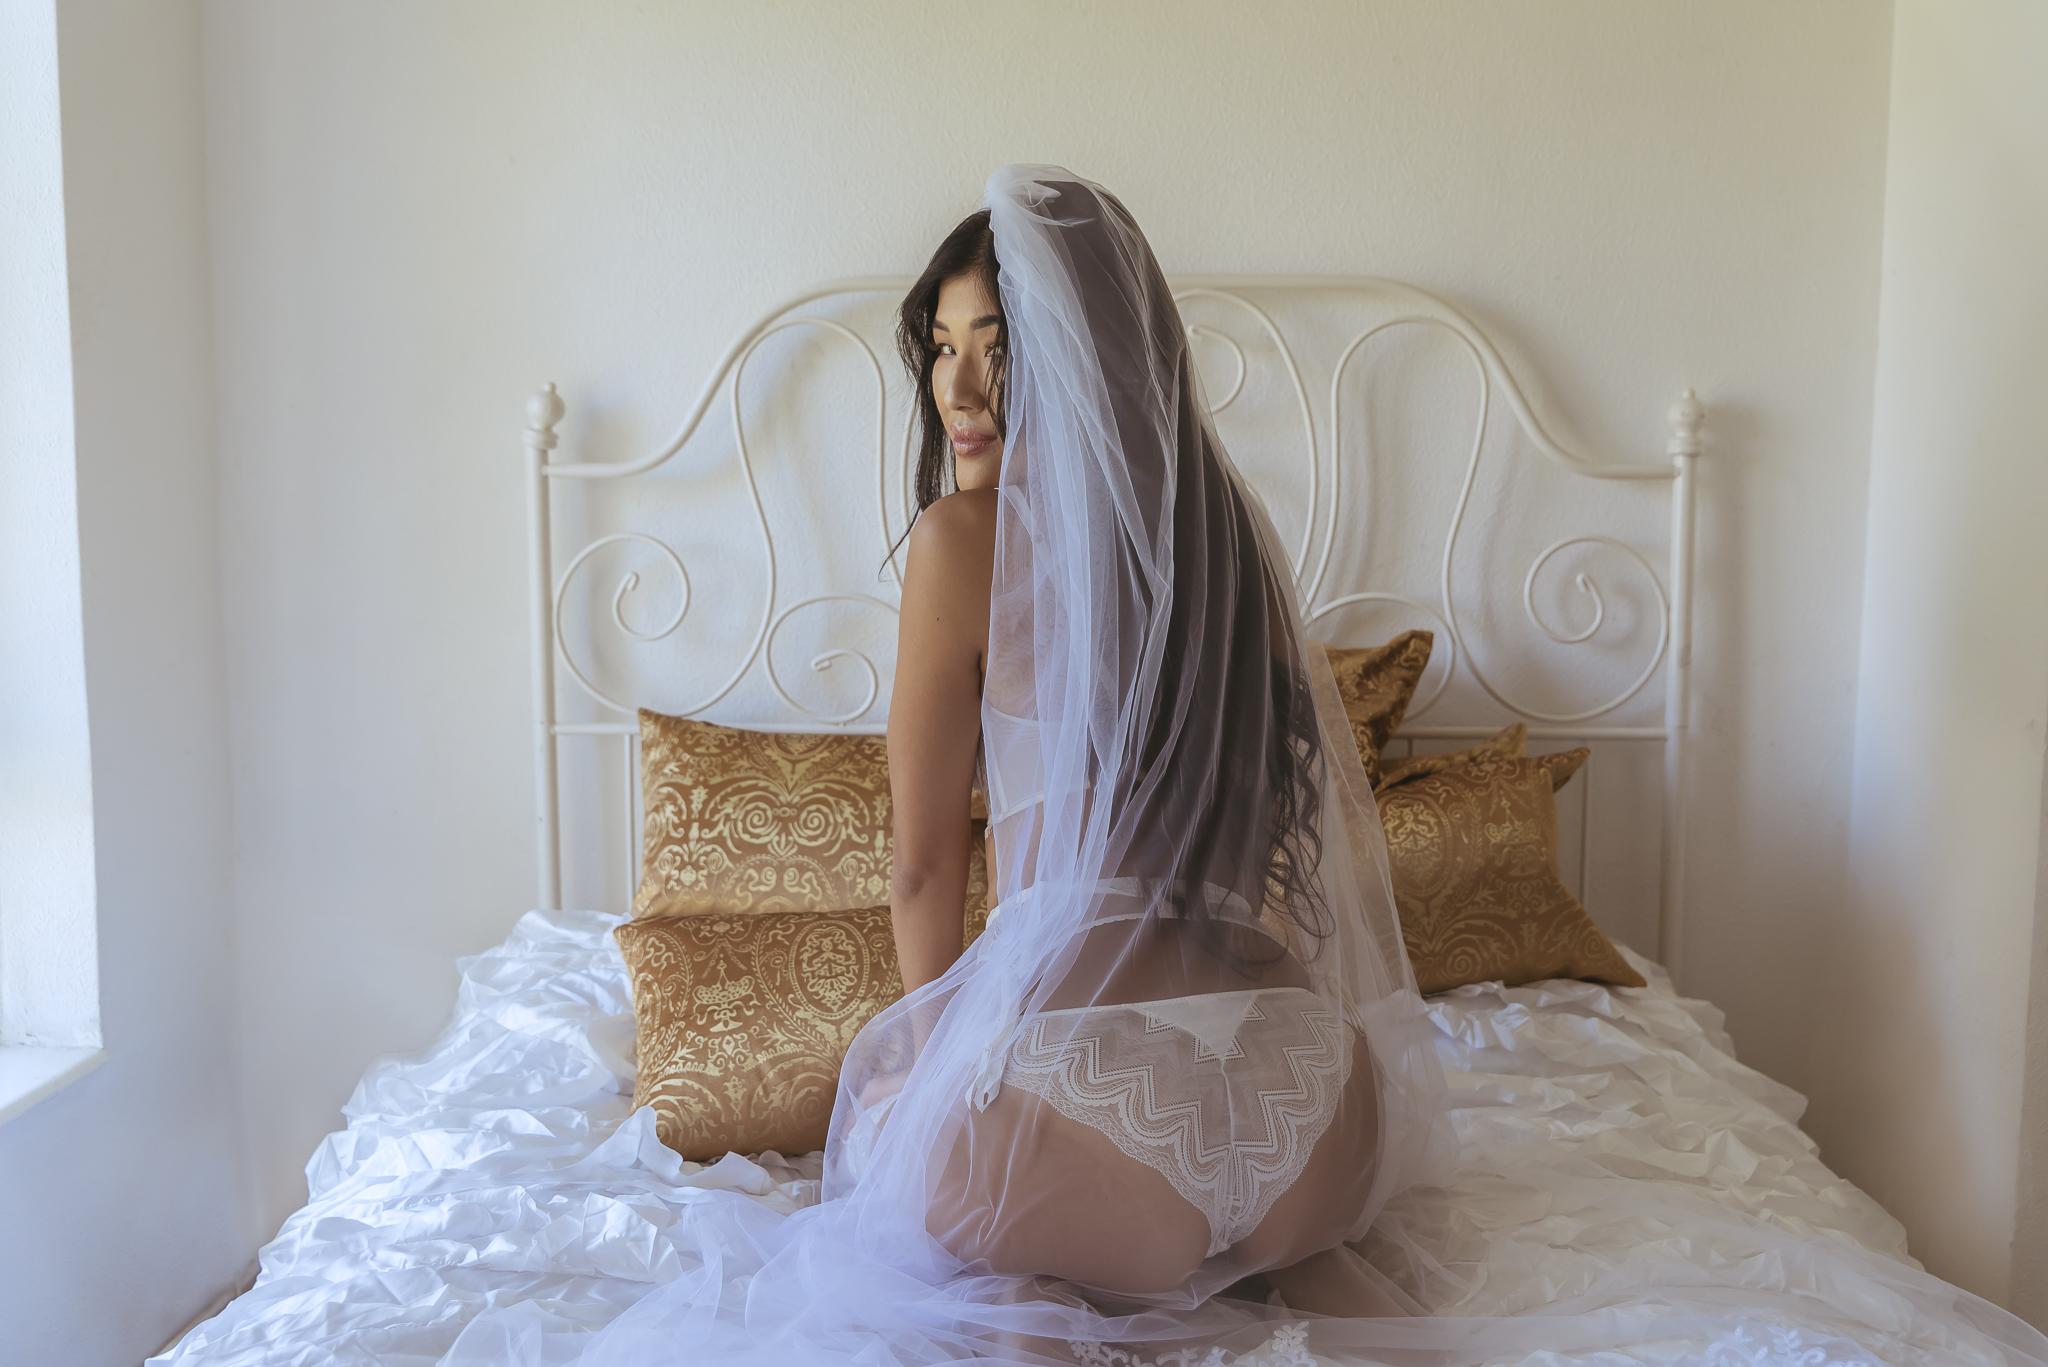 Lonodn boudoir photo shoot-18